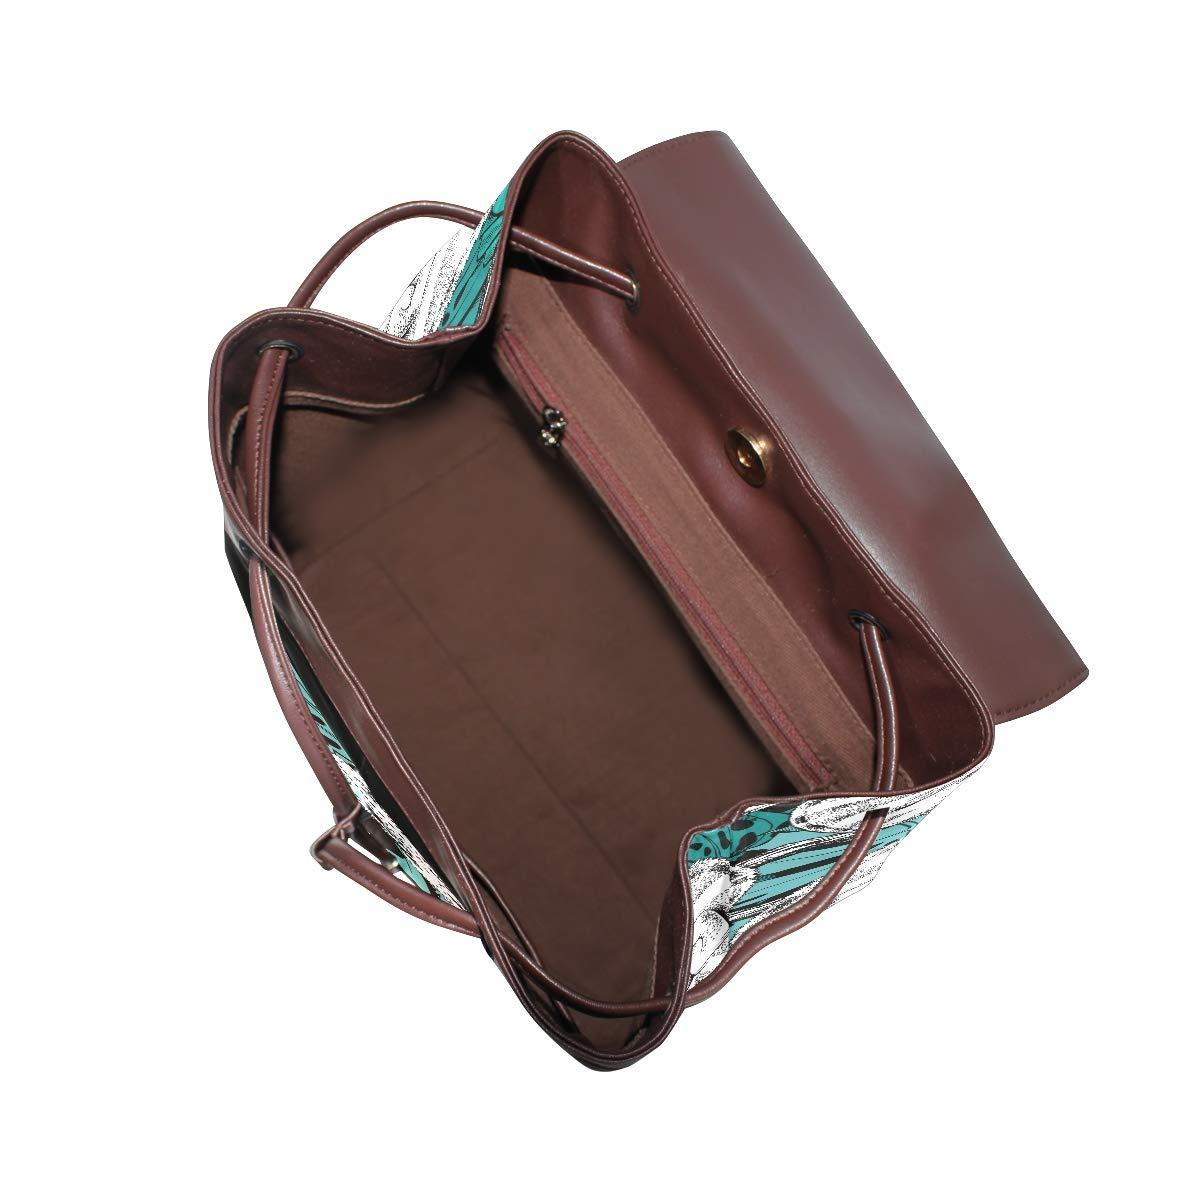 XiangHeFu, Unisex, Erwachsene Erwachsene Erwachsene (nur Gepäck) Daypack Image 224 12.5(L) x 13.5(H) x 4.5(W) Inches B07N2P8NLR Daypacks Guter weltweiter Ruf c230ce